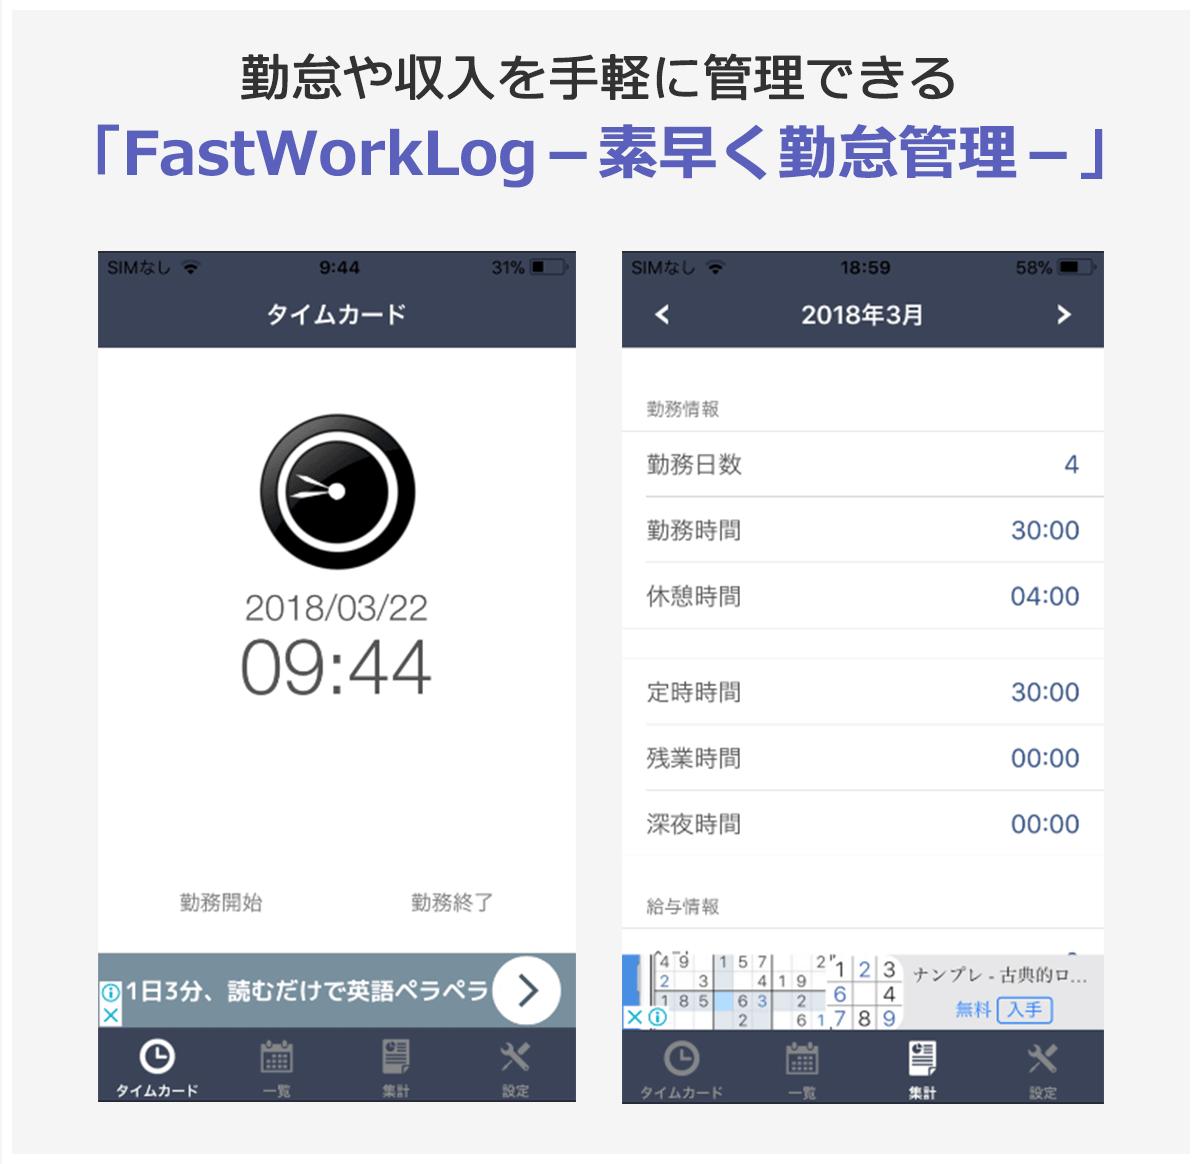 FastWorkLog - 素早く勤怠管理 -をスマートフォン画面で見た場合の図。